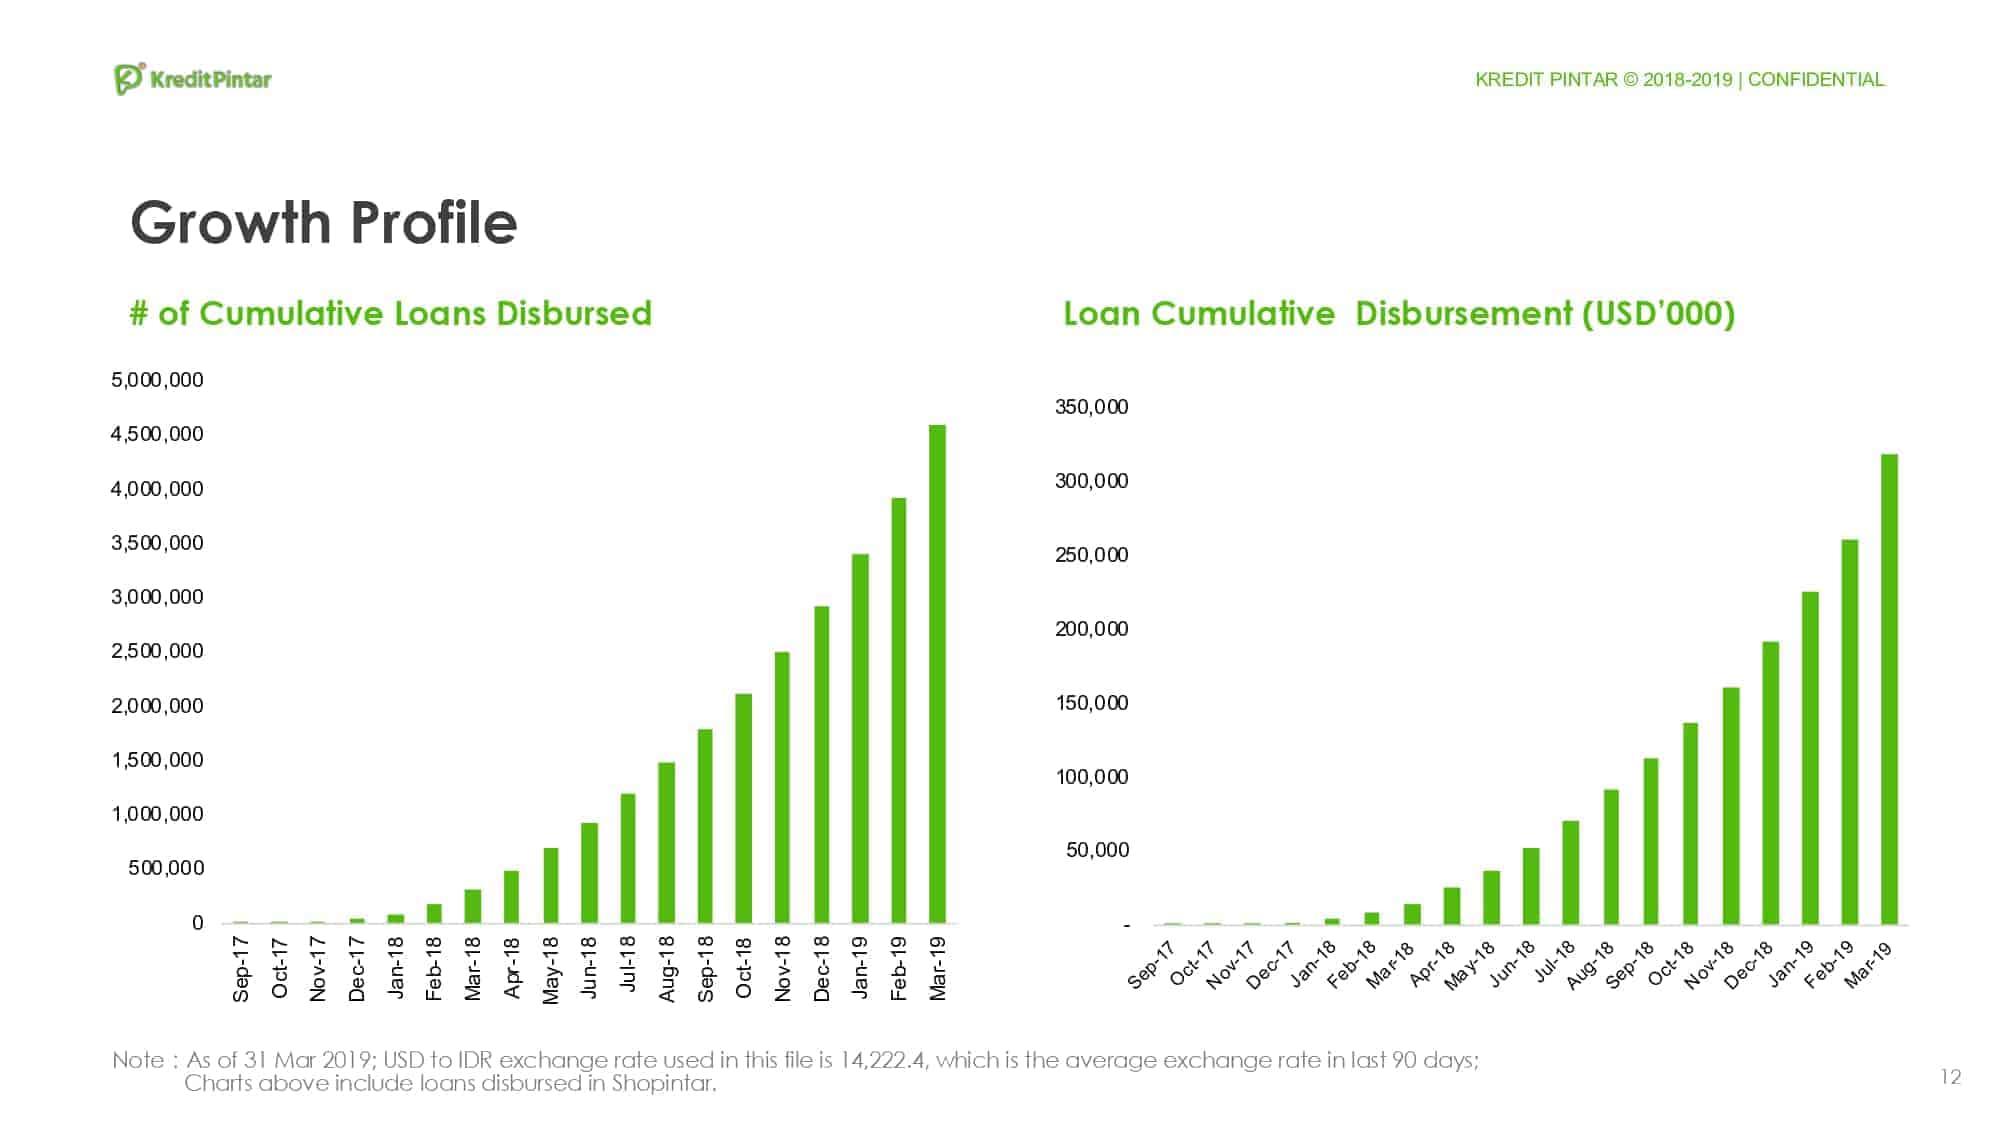 Pertumbuhan Pinjaman Online Kredit Pintar. PT Kredit Pintar Indonesia